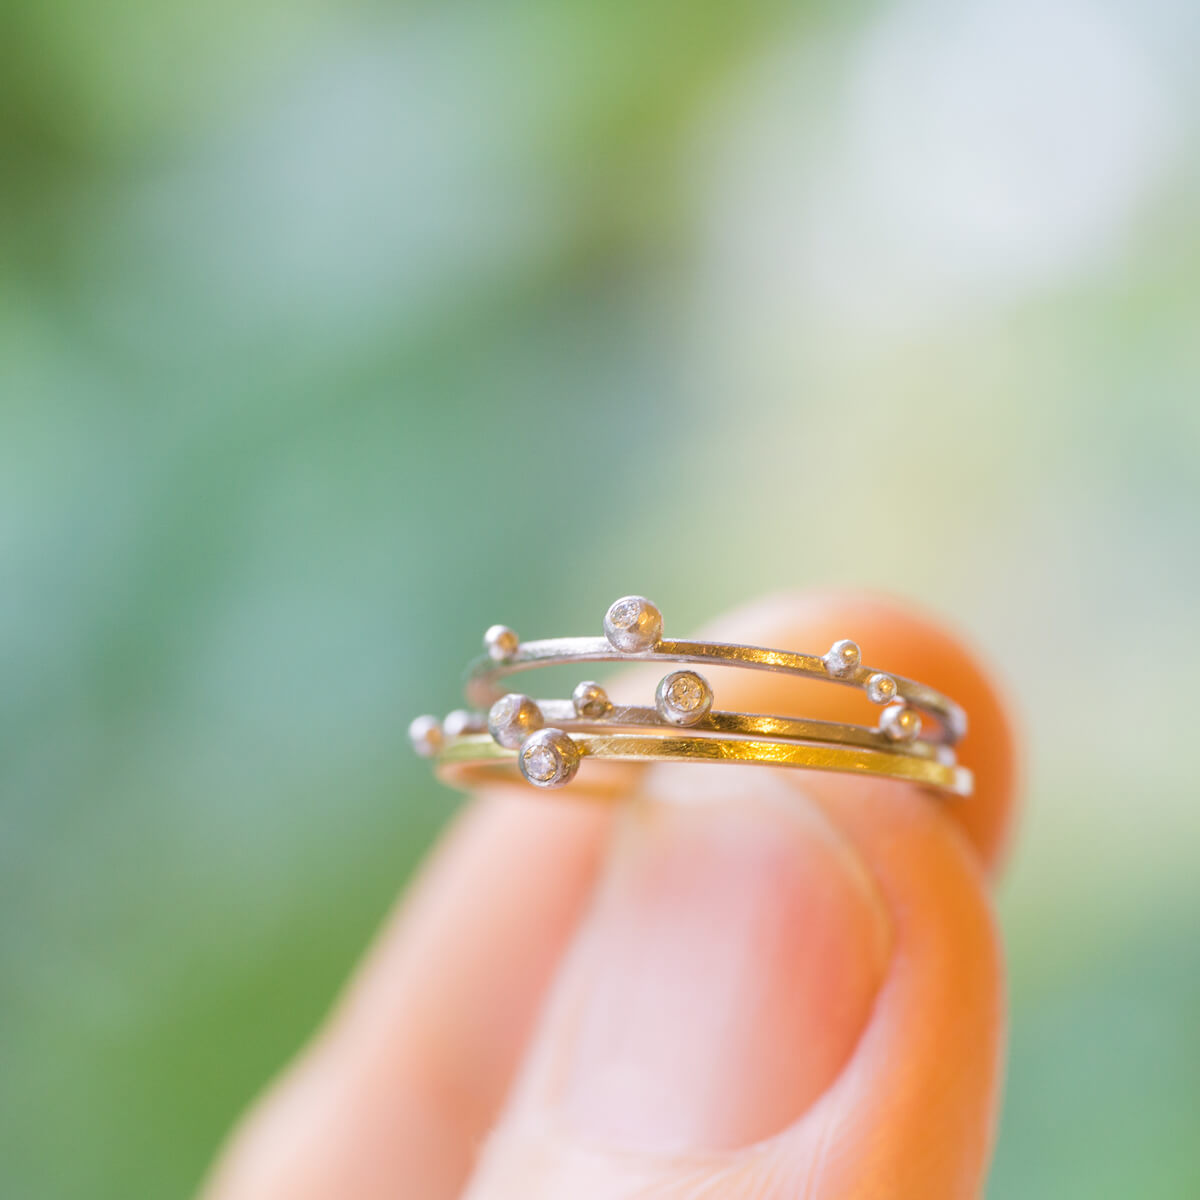 屋久島の緑バック しずくの指輪 ゴールド、プラチナ、ダイヤモンド 屋久島の雨モチーフ 屋久島でつくる結婚指輪